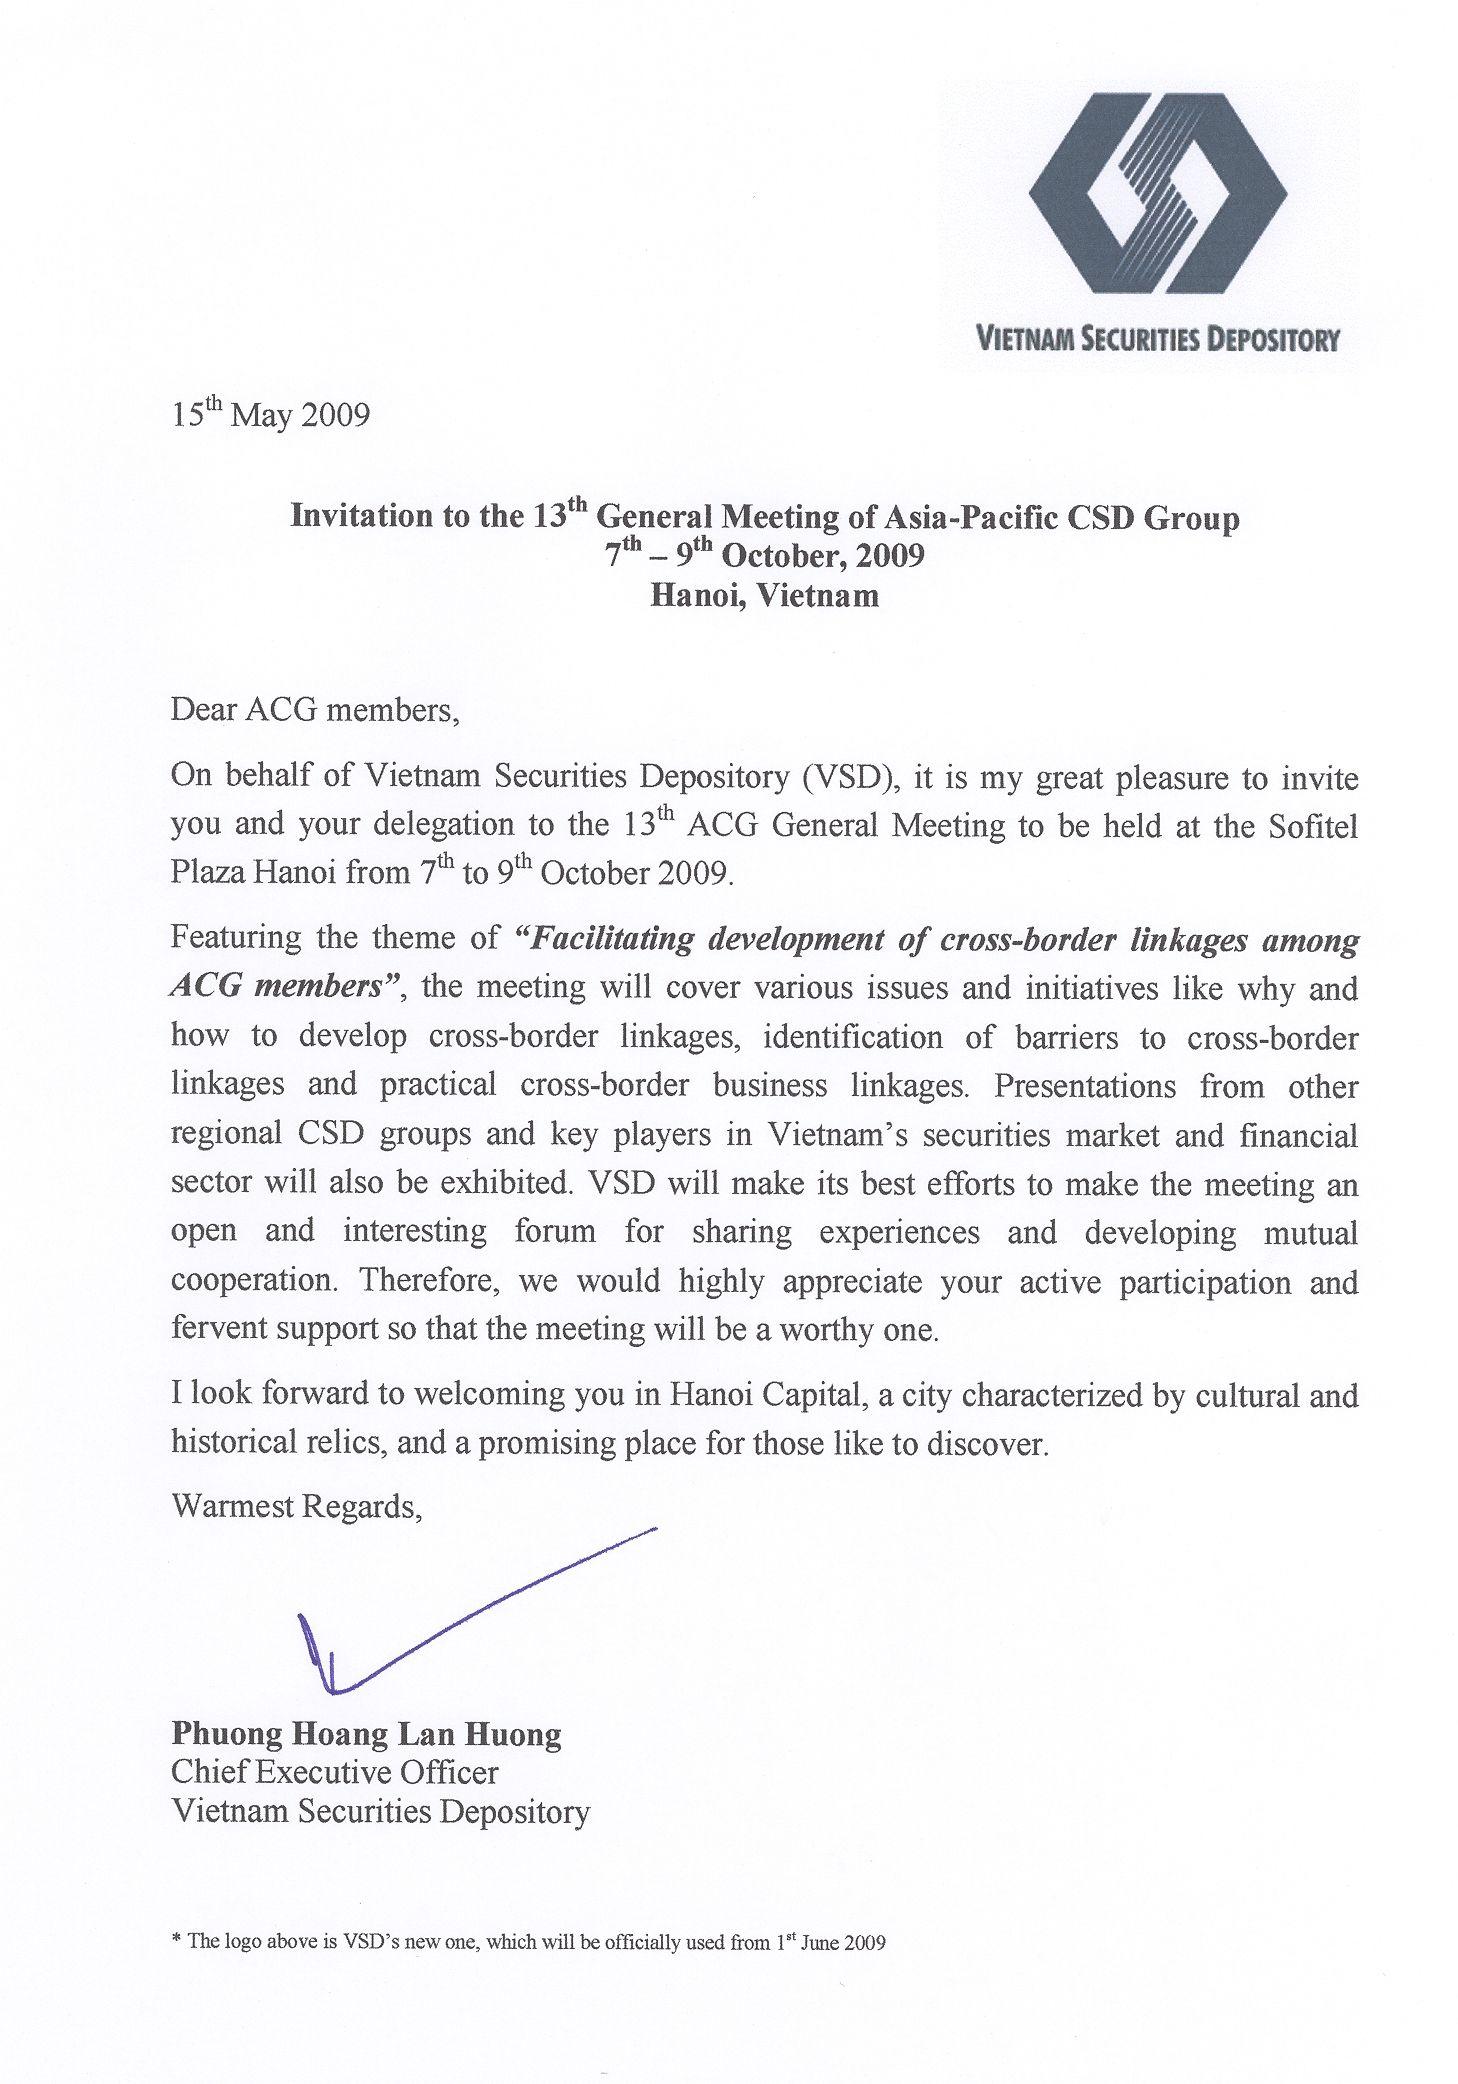 Invitation Letter To ACG Invitation Letter For UK Visa